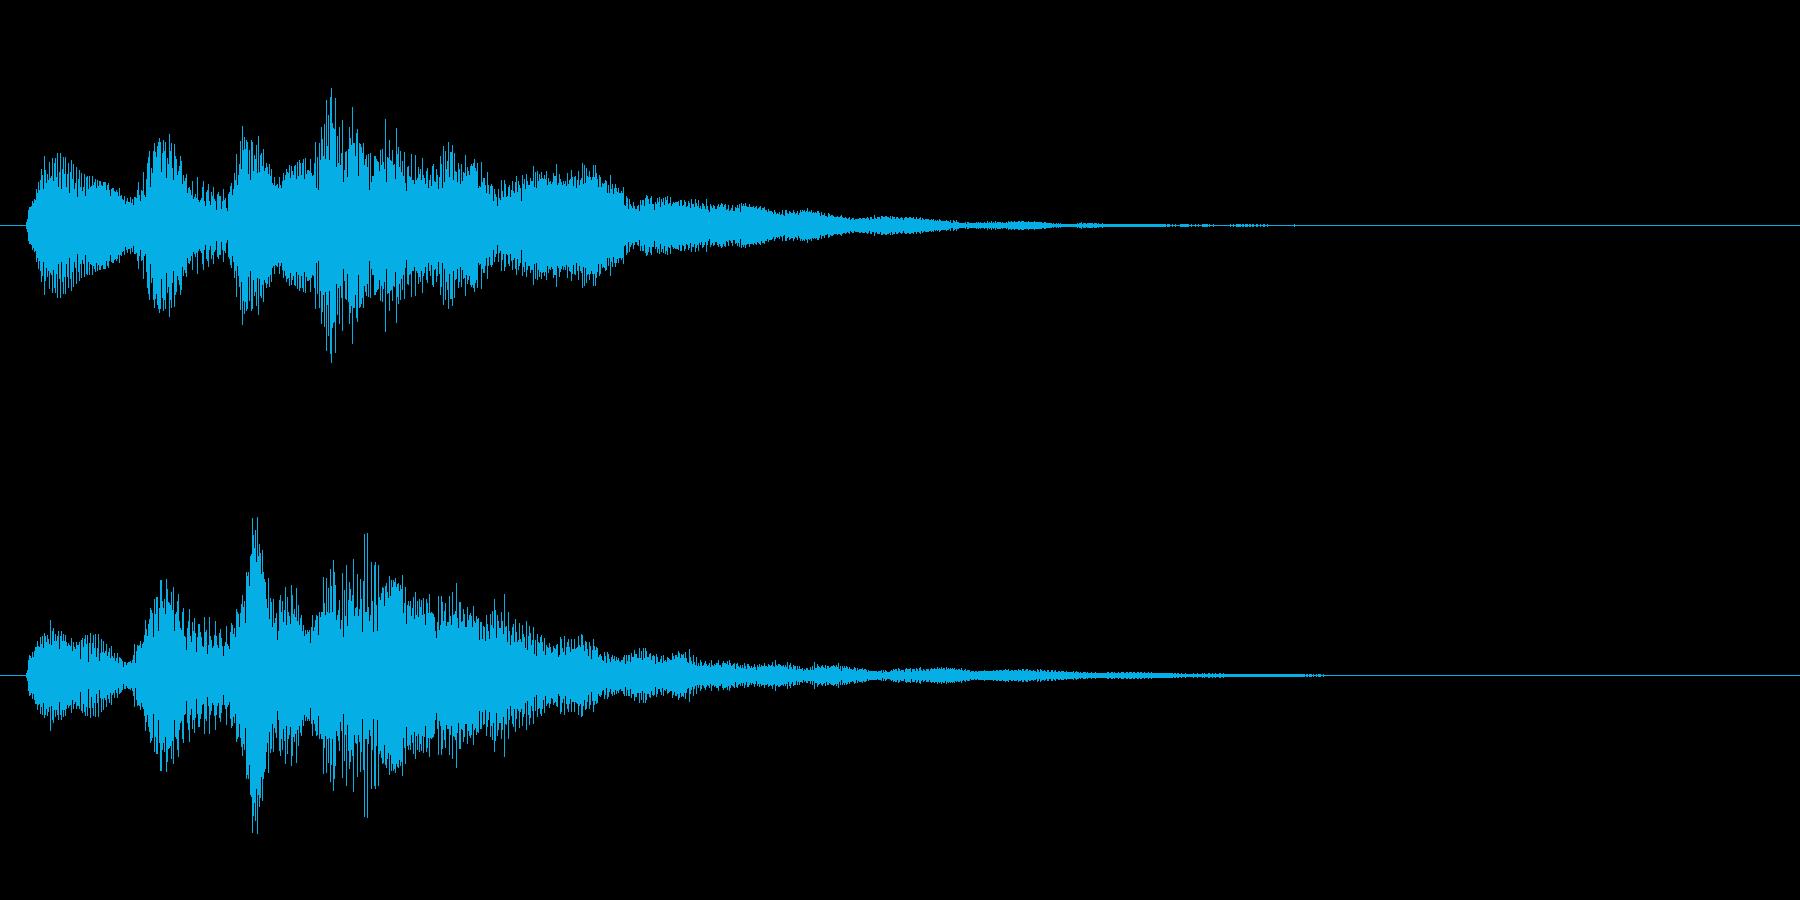 サウンドロゴ(企業ロゴ)_004の再生済みの波形